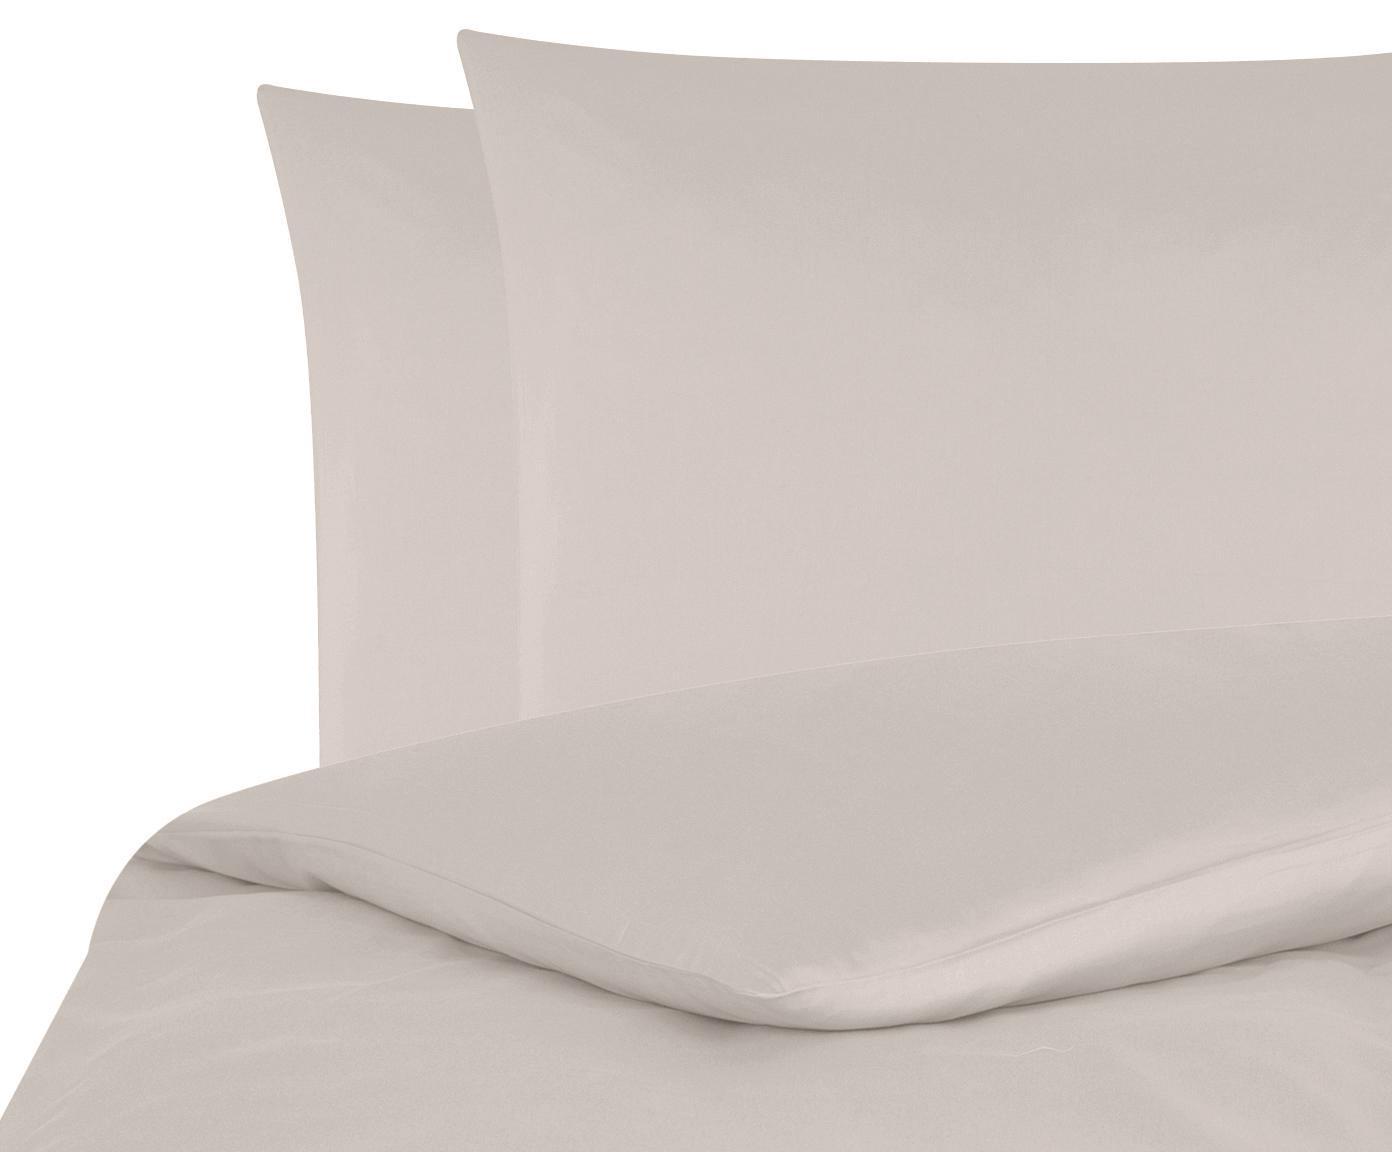 Baumwollsatin-Bettwäsche Comfort in Taupe, Webart: Satin Fadendichte 250 TC,, Taupe, 240 x 220 cm + 2 Kissen 80 x 80 cm